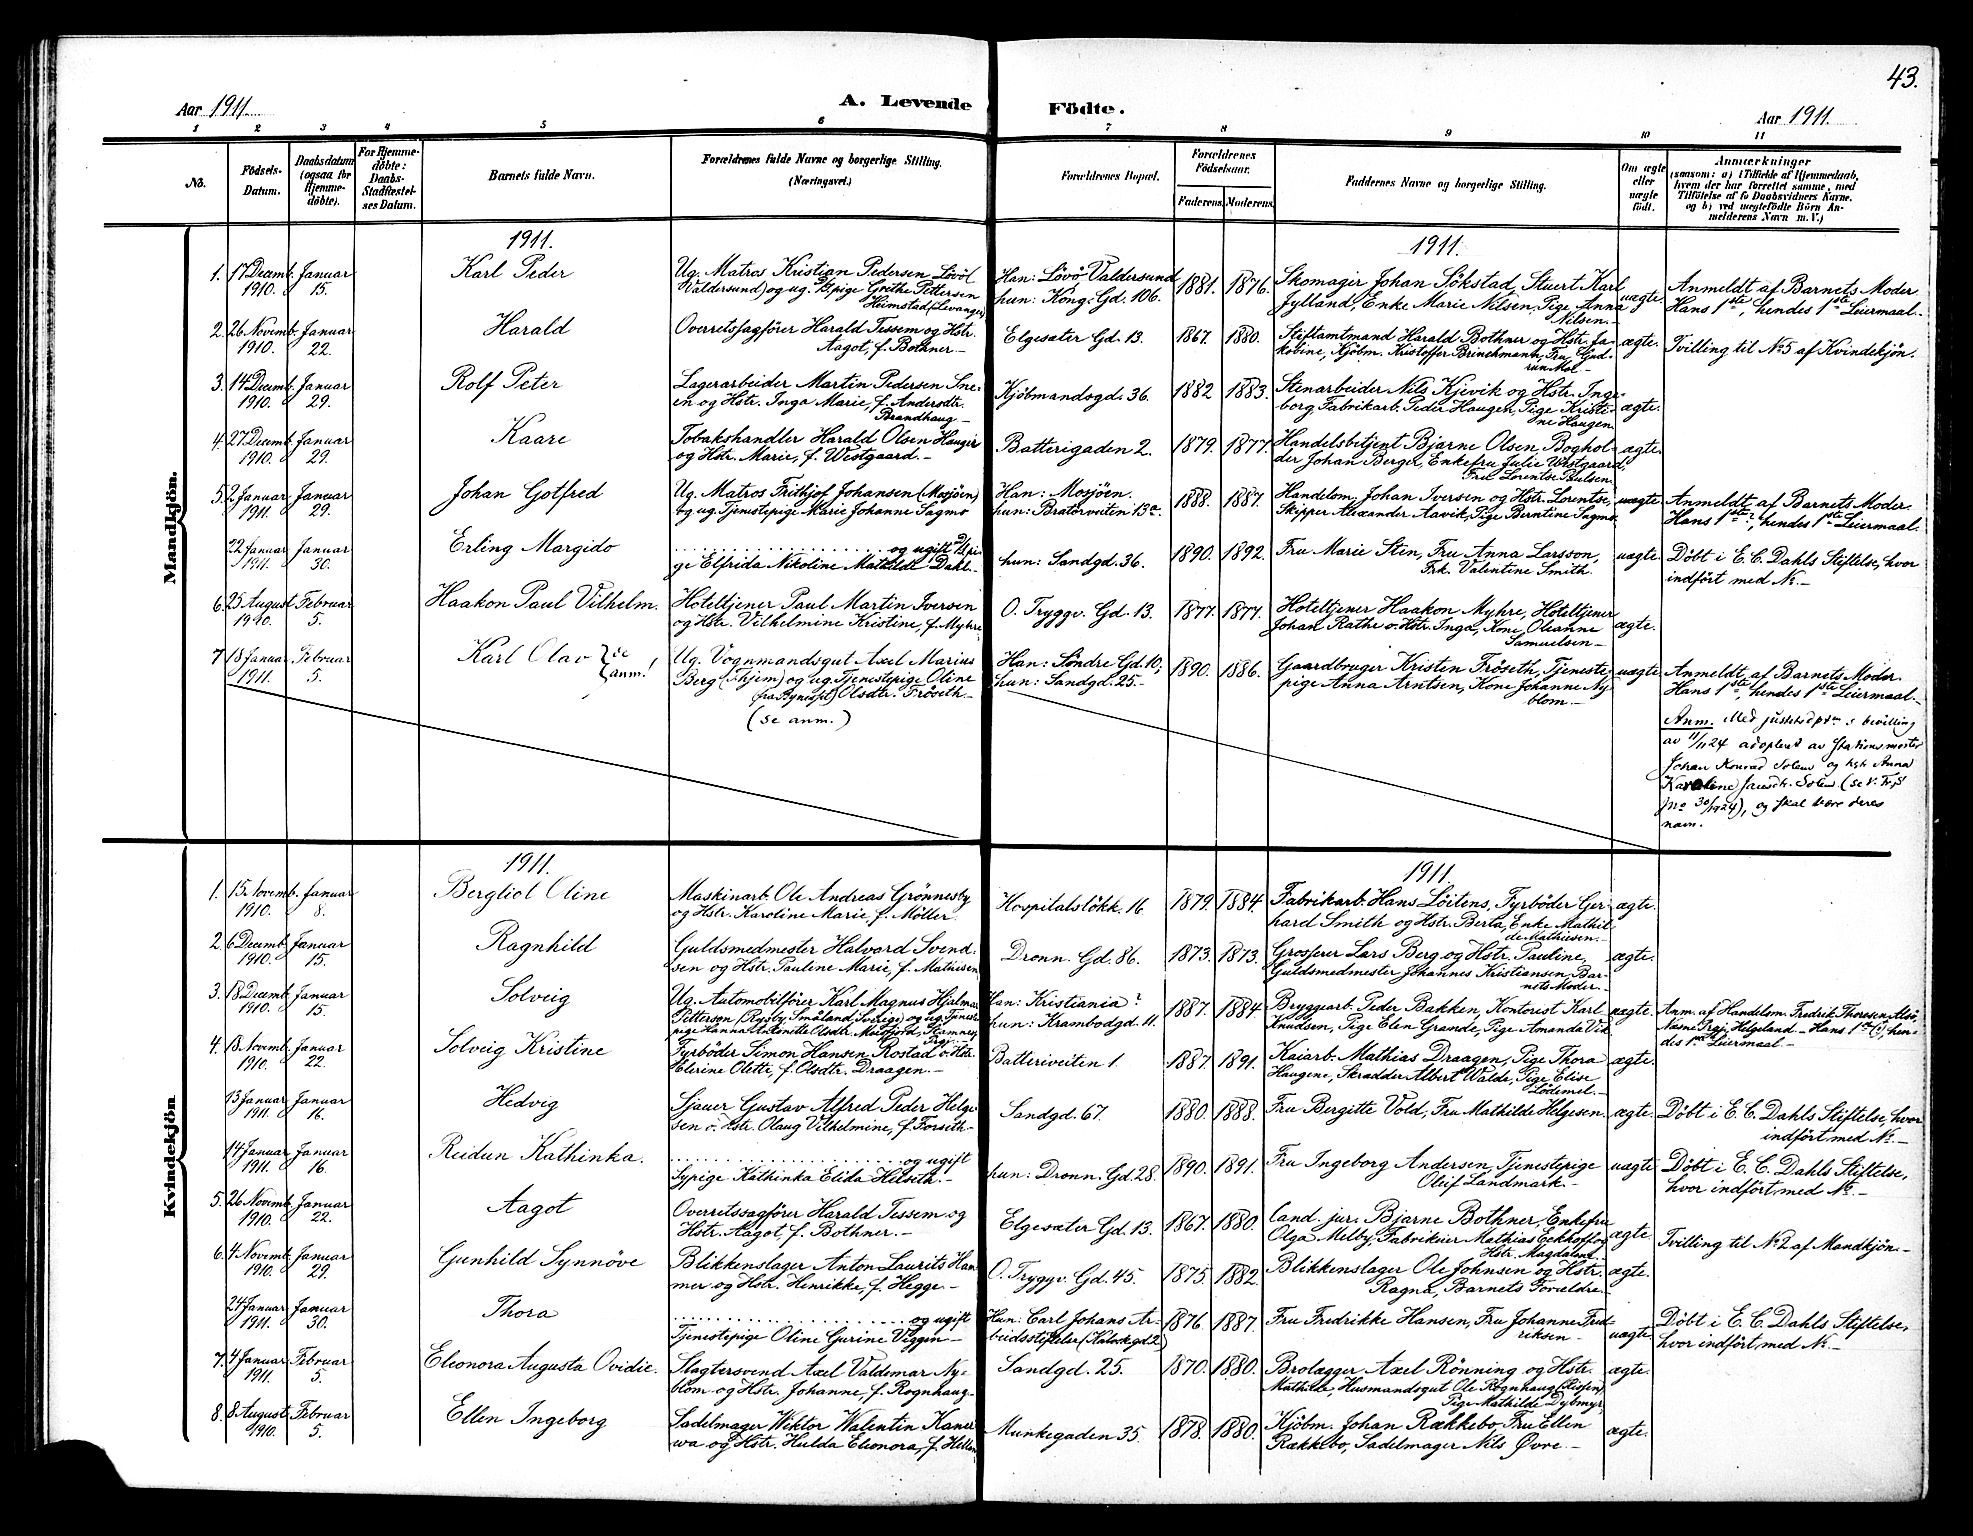 SAT, Ministerialprotokoller, klokkerbøker og fødselsregistre - Sør-Trøndelag, 602/L0146: Klokkerbok nr. 602C14, 1904-1914, s. 43